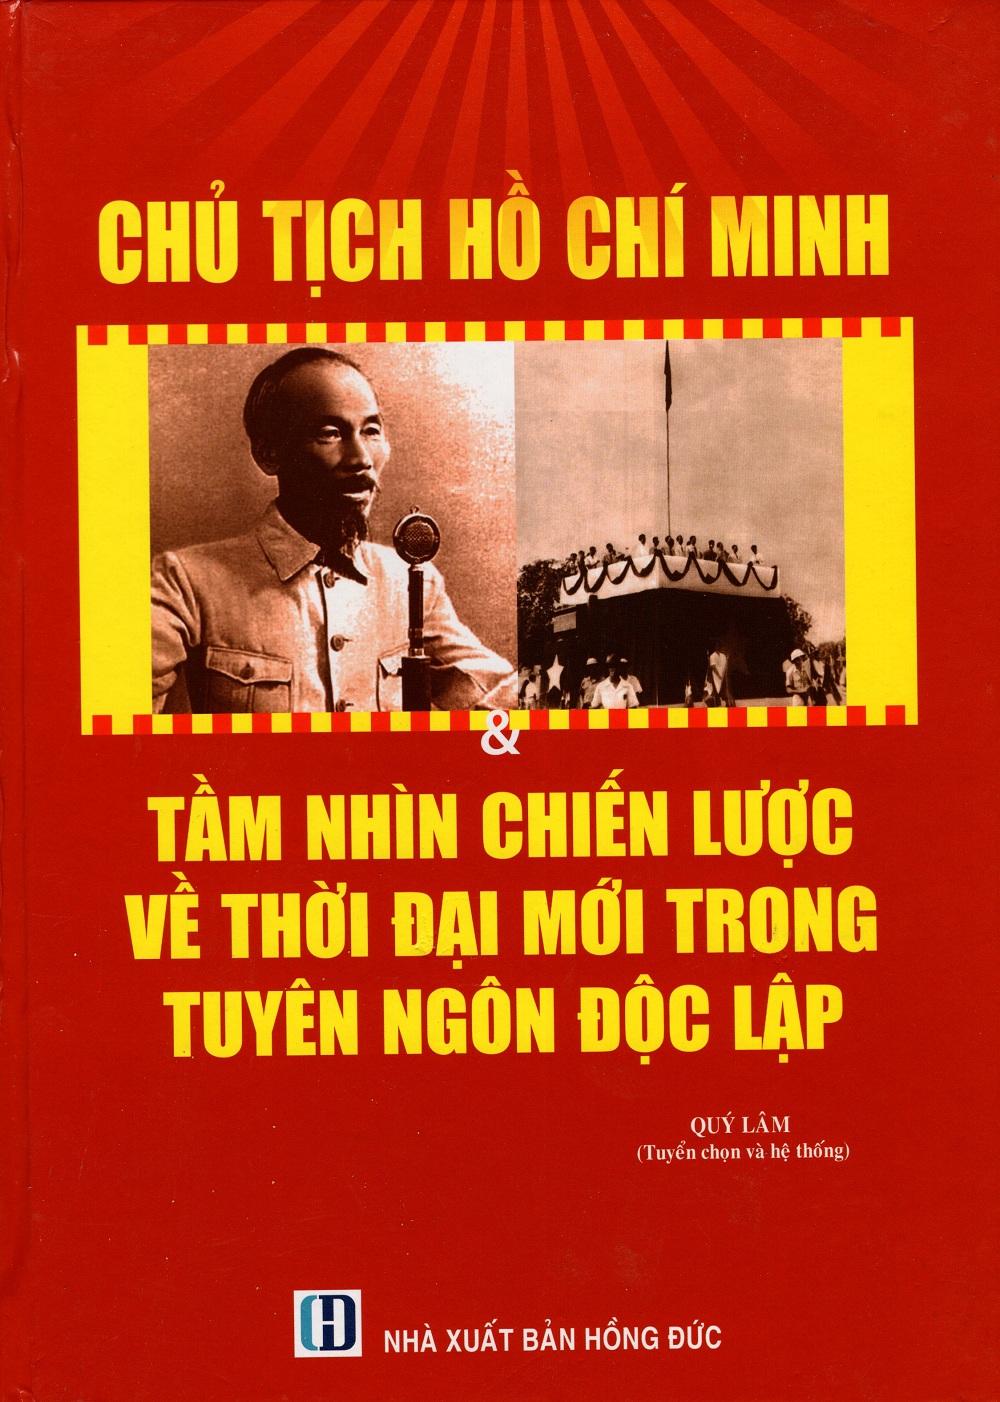 Chủ Tịch Hồ Chí Minh  Tầm Nhìn Chiến Lược Về Thời Đại Mới Trong Tuyên Ngôn Độc Lập - 7840638 , 3102442077019 , 62_251706 , 350000 , Chu-Tich-Ho-Chi-Minh-Tam-Nhin-Chien-Luoc-Ve-Thoi-Dai-Moi-Trong-Tuyen-Ngon-Doc-Lap-62_251706 , tiki.vn , Chủ Tịch Hồ Chí Minh  Tầm Nhìn Chiến Lược Về Thời Đại Mới Trong Tuyên Ngôn Độc Lập